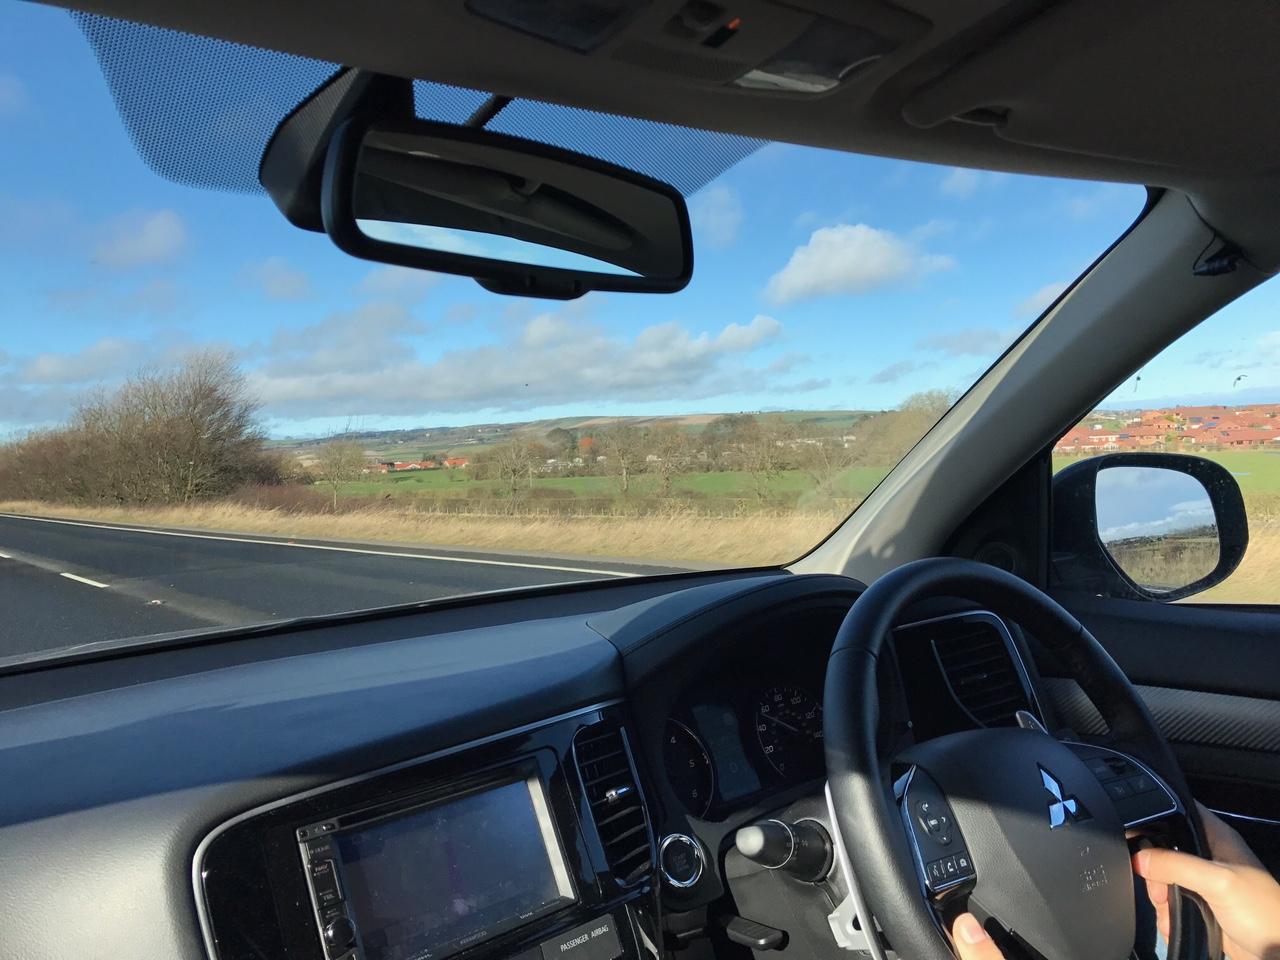 viajando de carro na mão inglesa